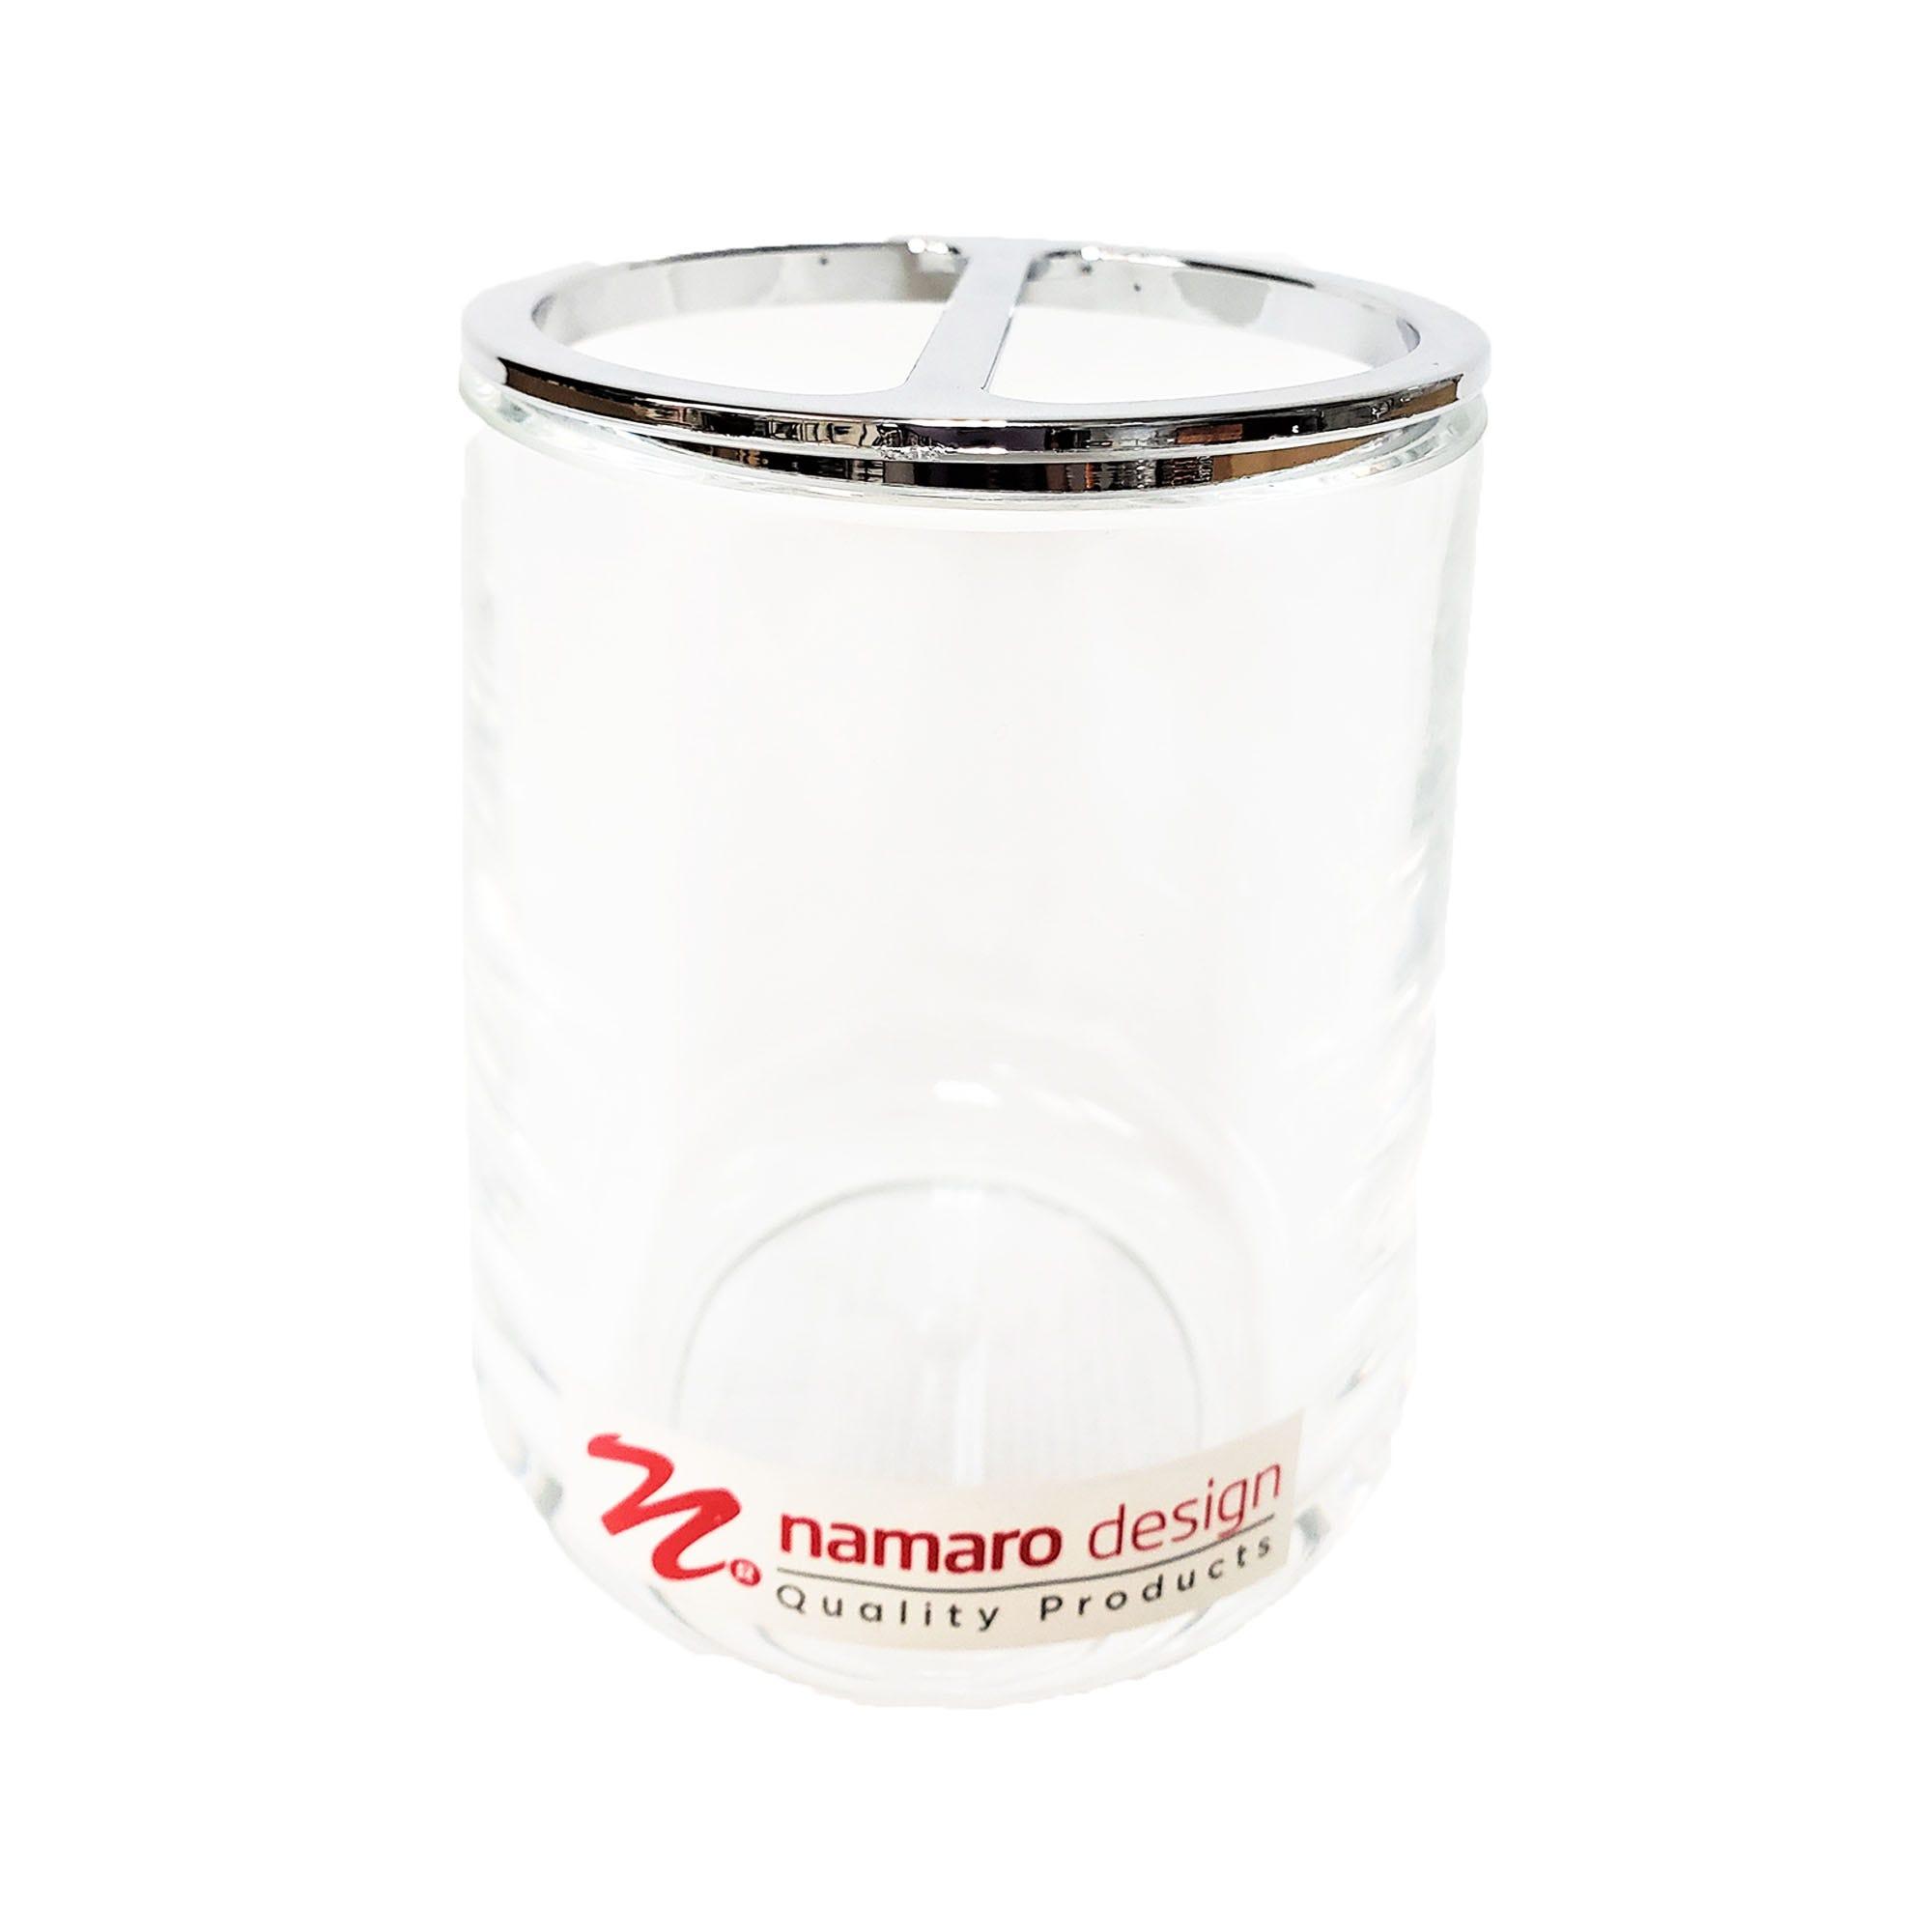 Portacepillos de dientes Fashion Namaro Design transparente